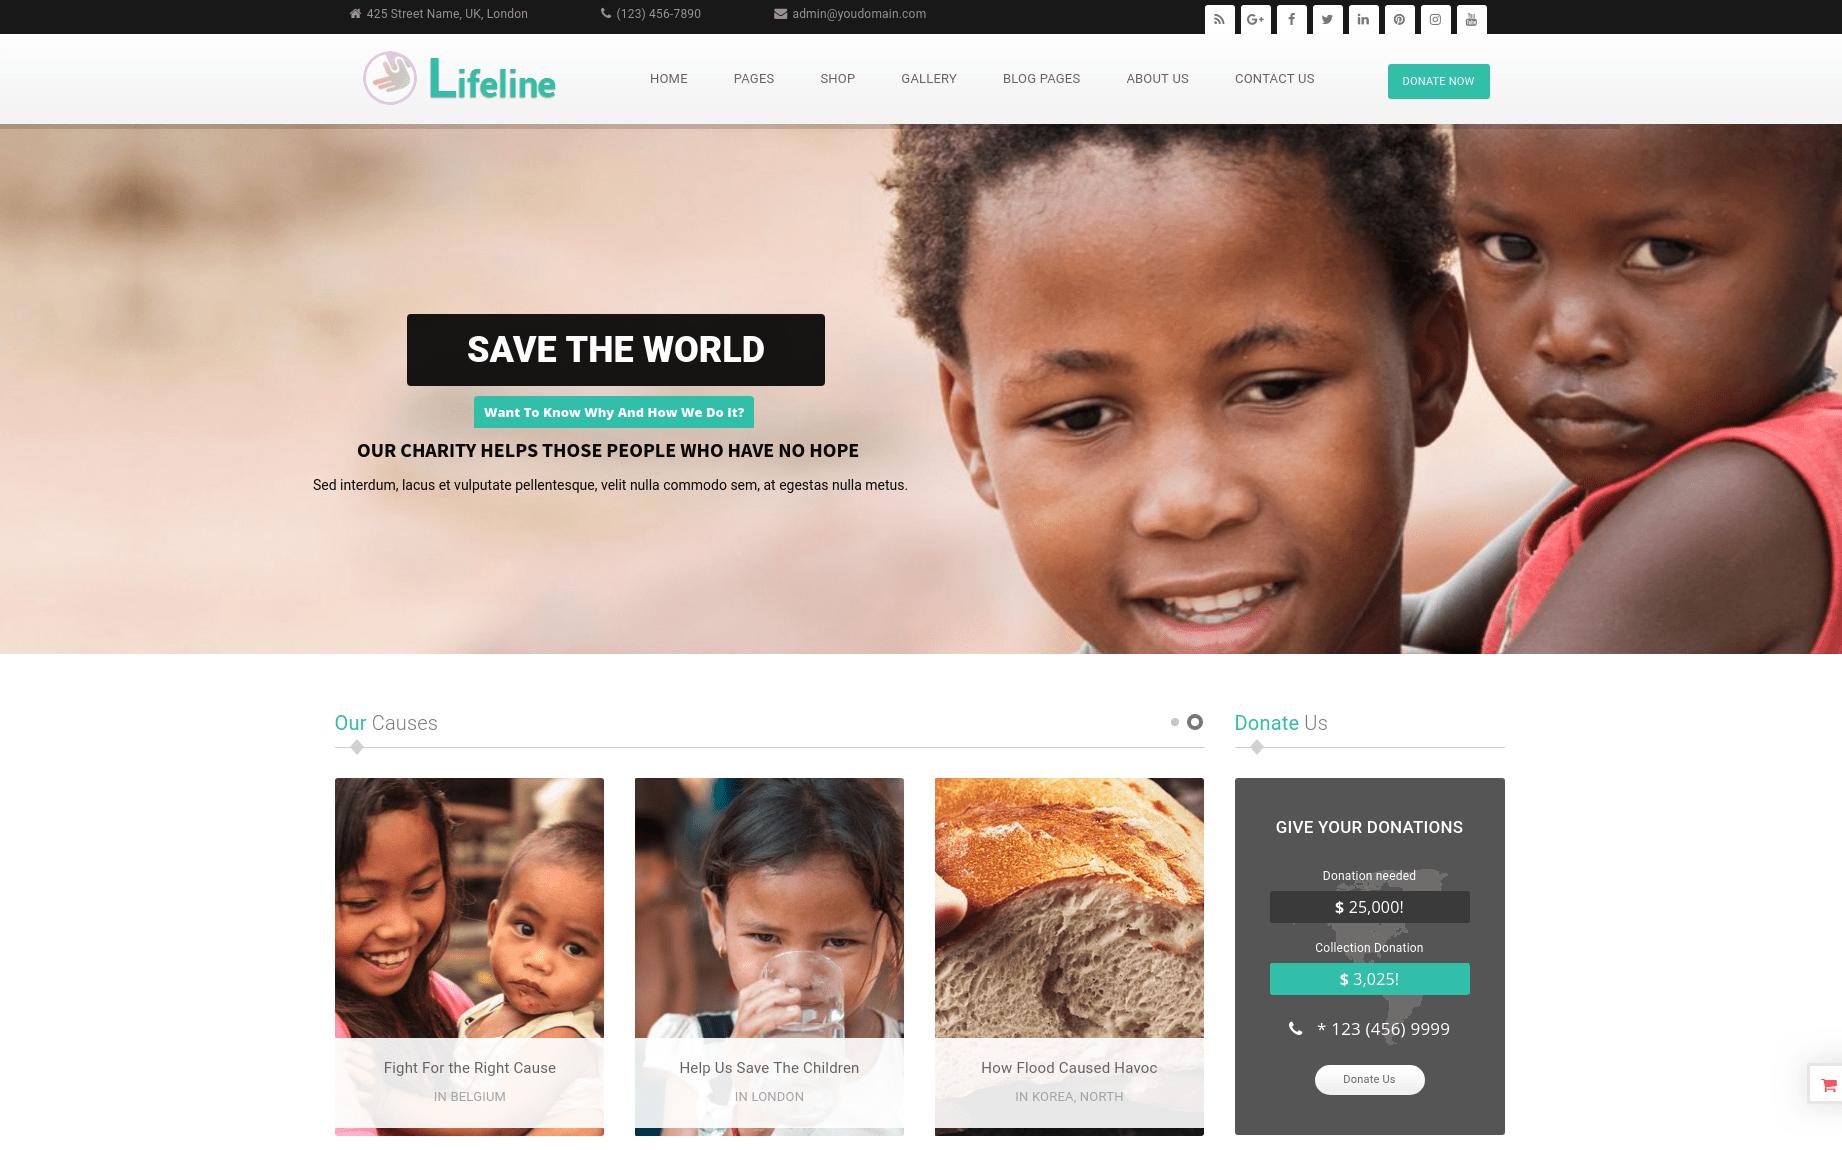 Lifeline charity